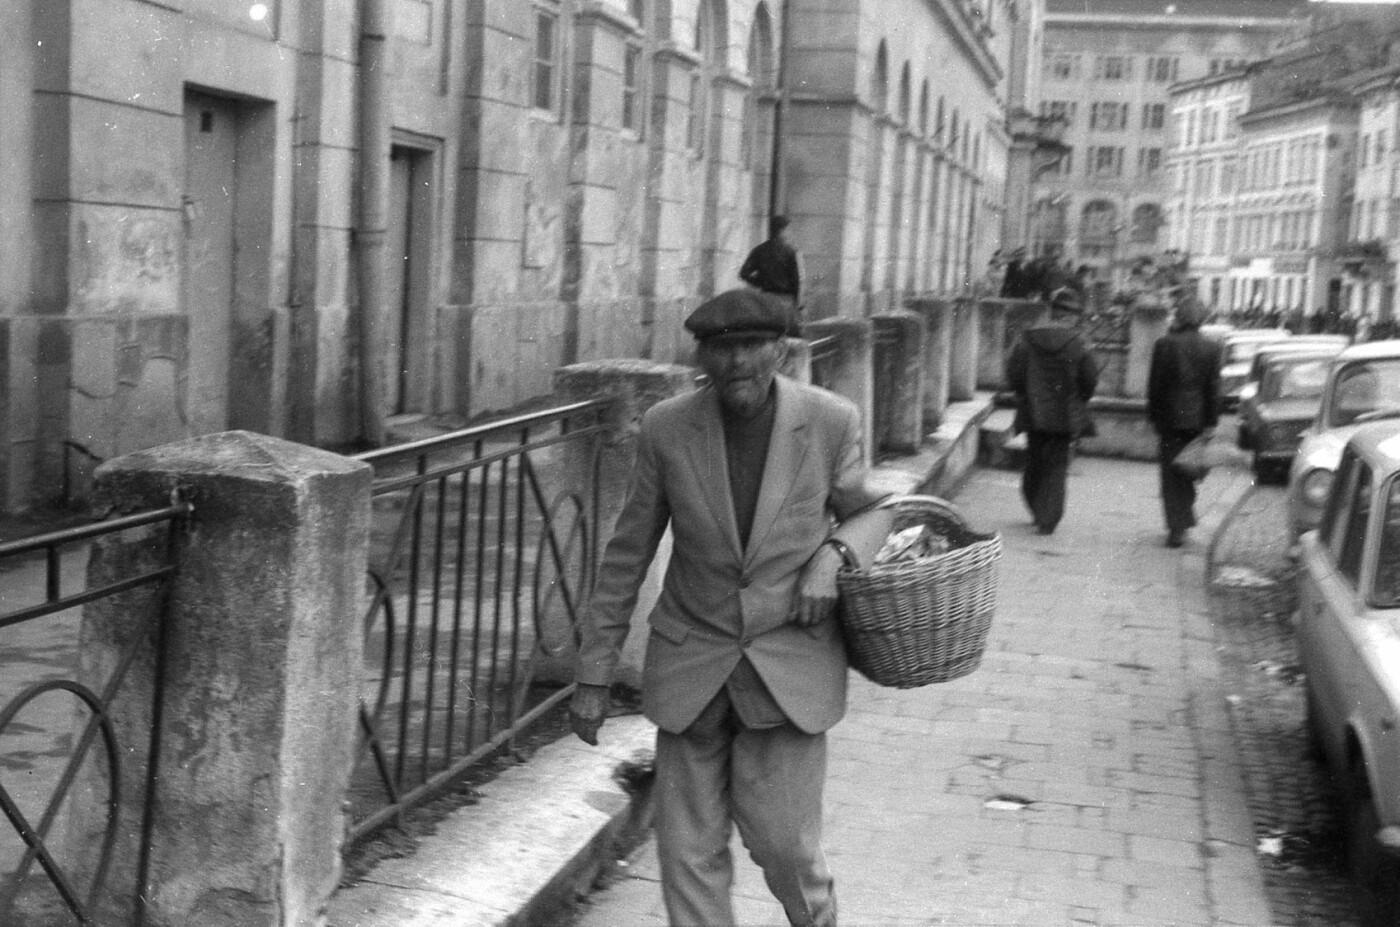 Як виглядали перехожі на вулицях Львова у 1970-х роках, - ФОТО, фото-10